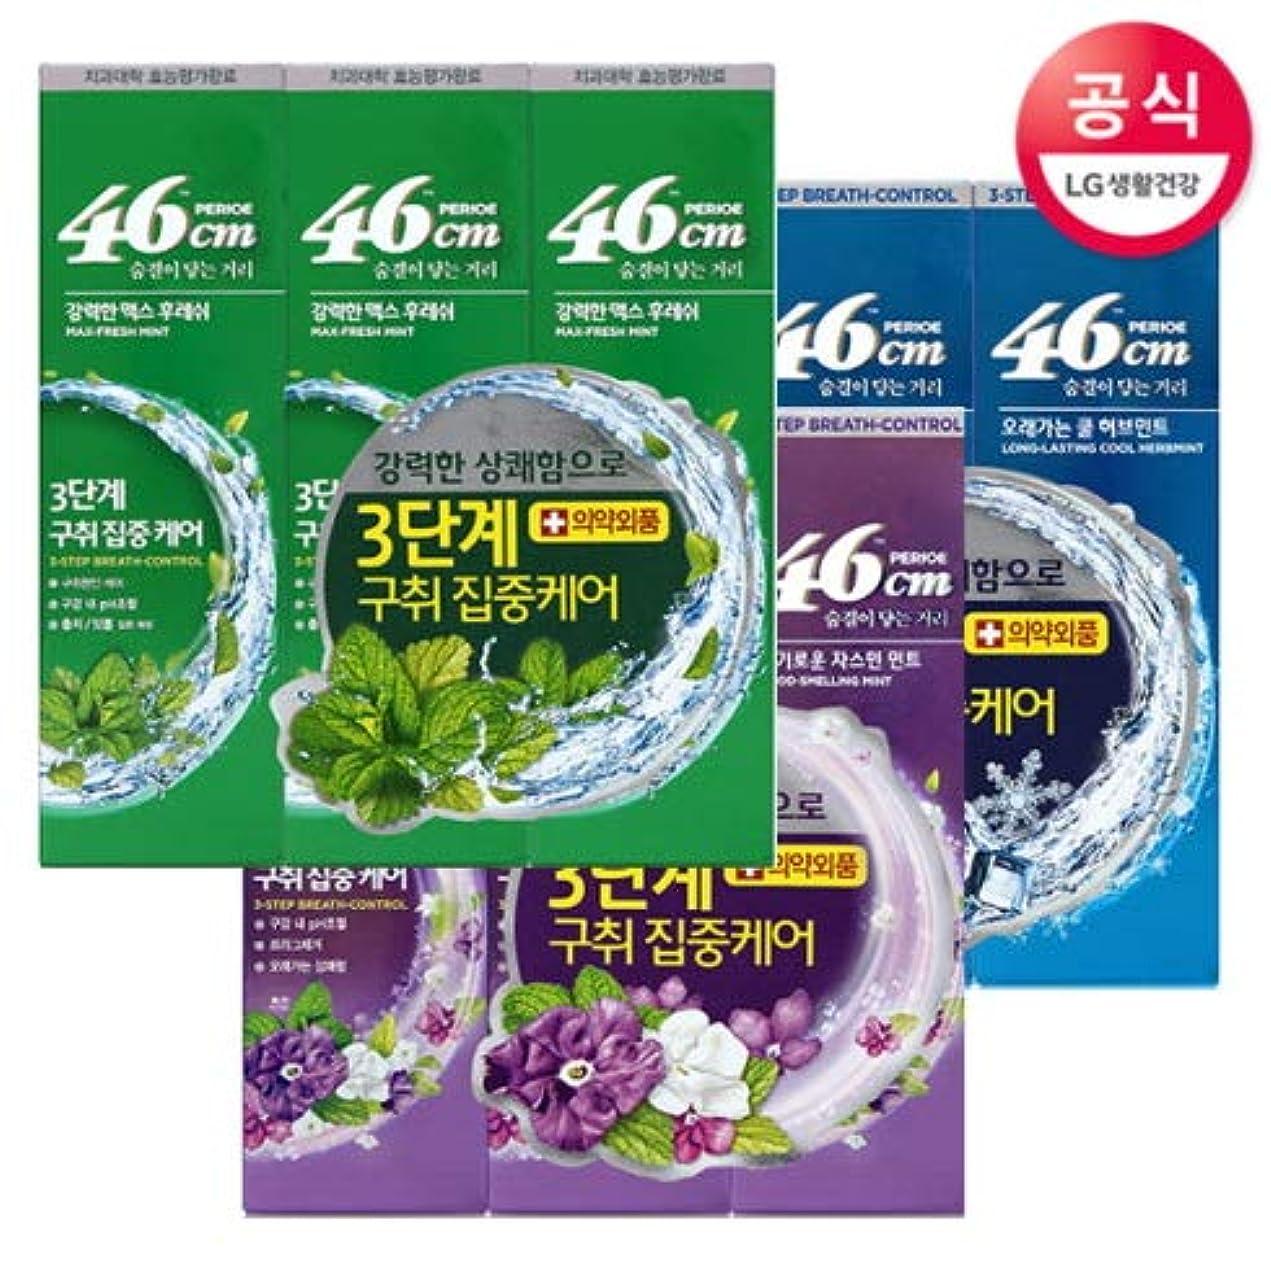 ゆりキャンバス石膏[LG HnB] Perio 46cm toothpaste /ペリオ46cm歯磨き粉 100gx9個(海外直送品)